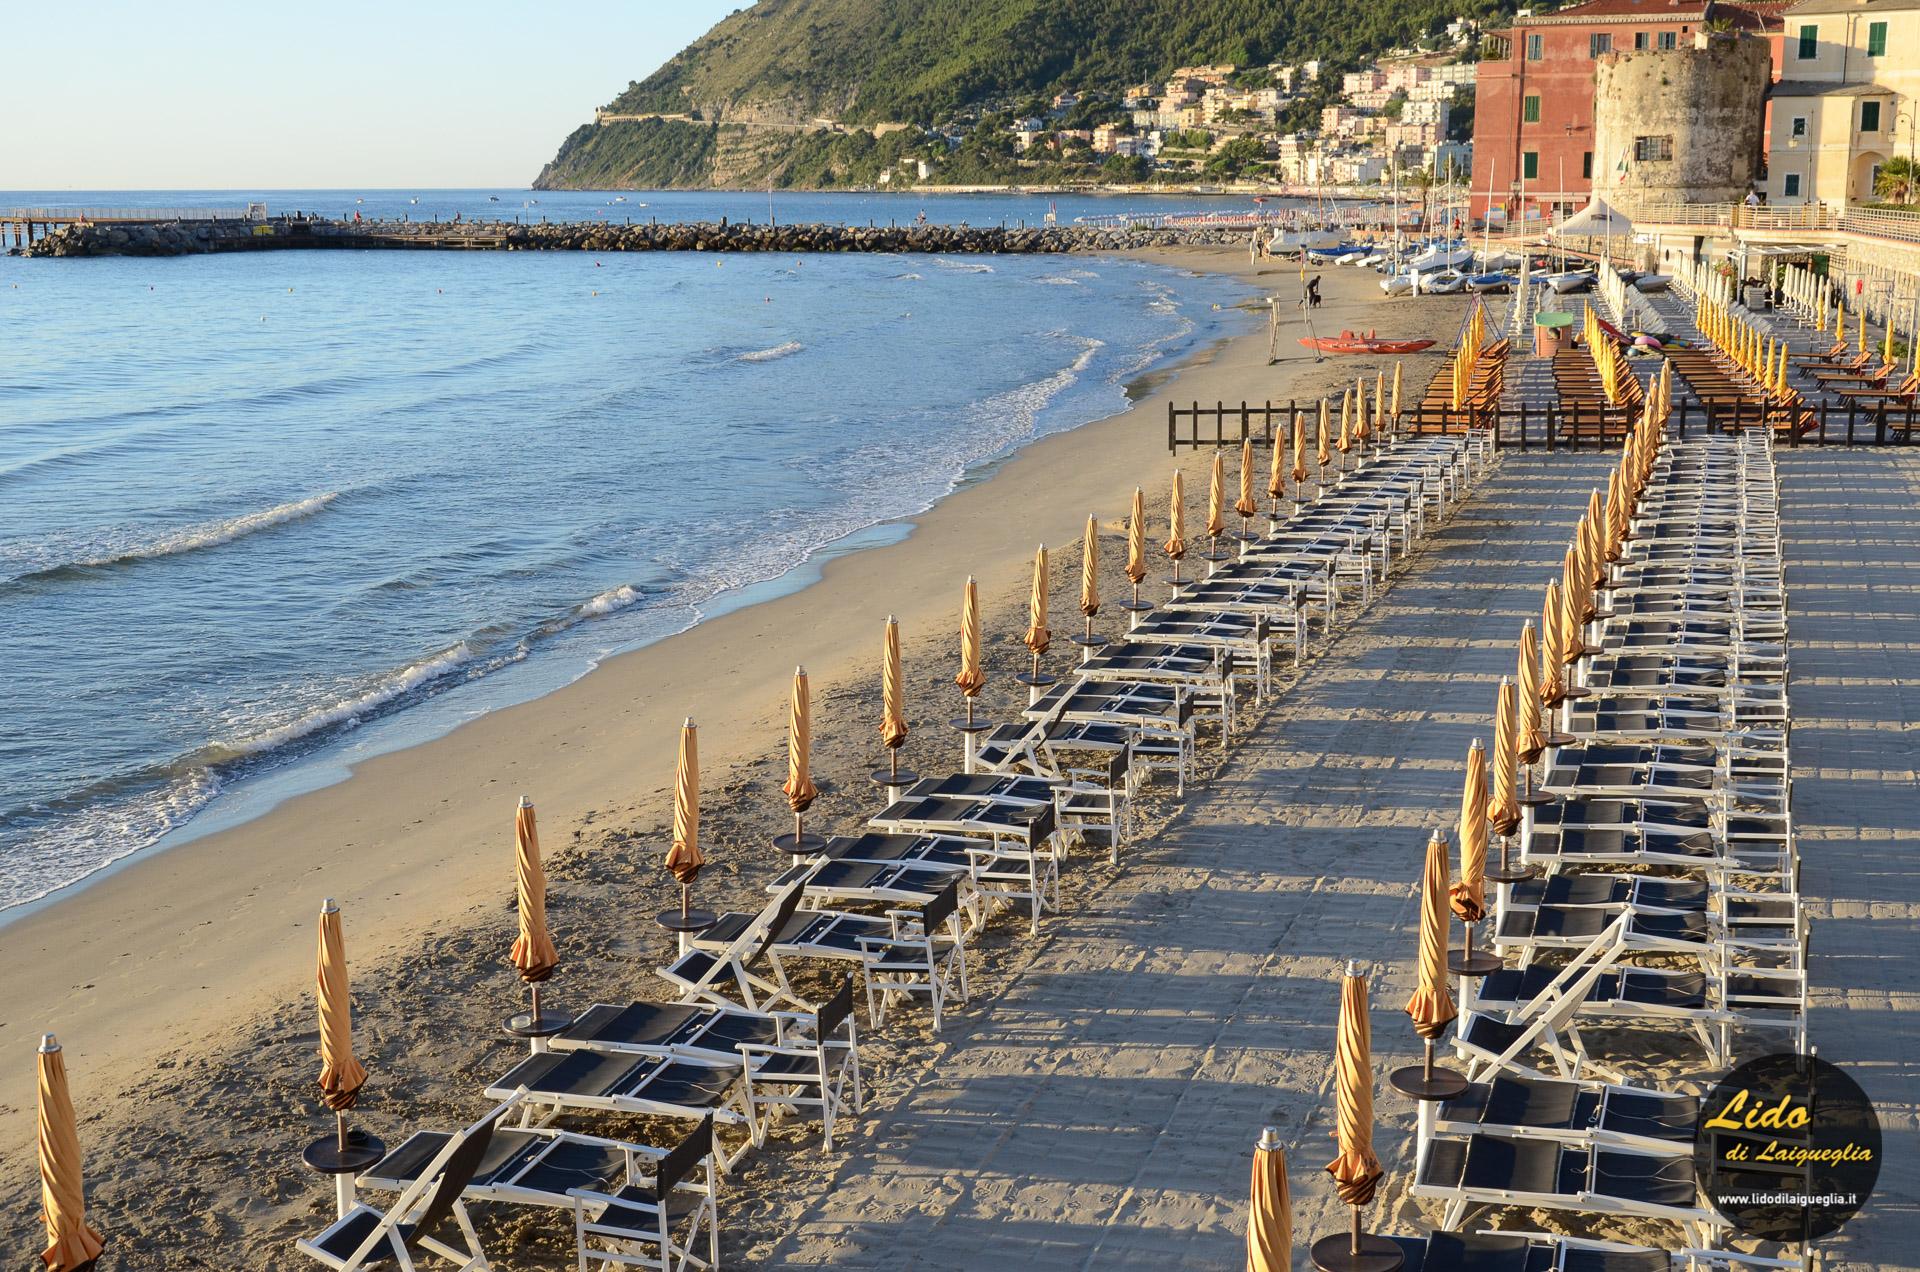 Stabilimento balneare bar ristorante spiaggia - Bagni lido andora ...